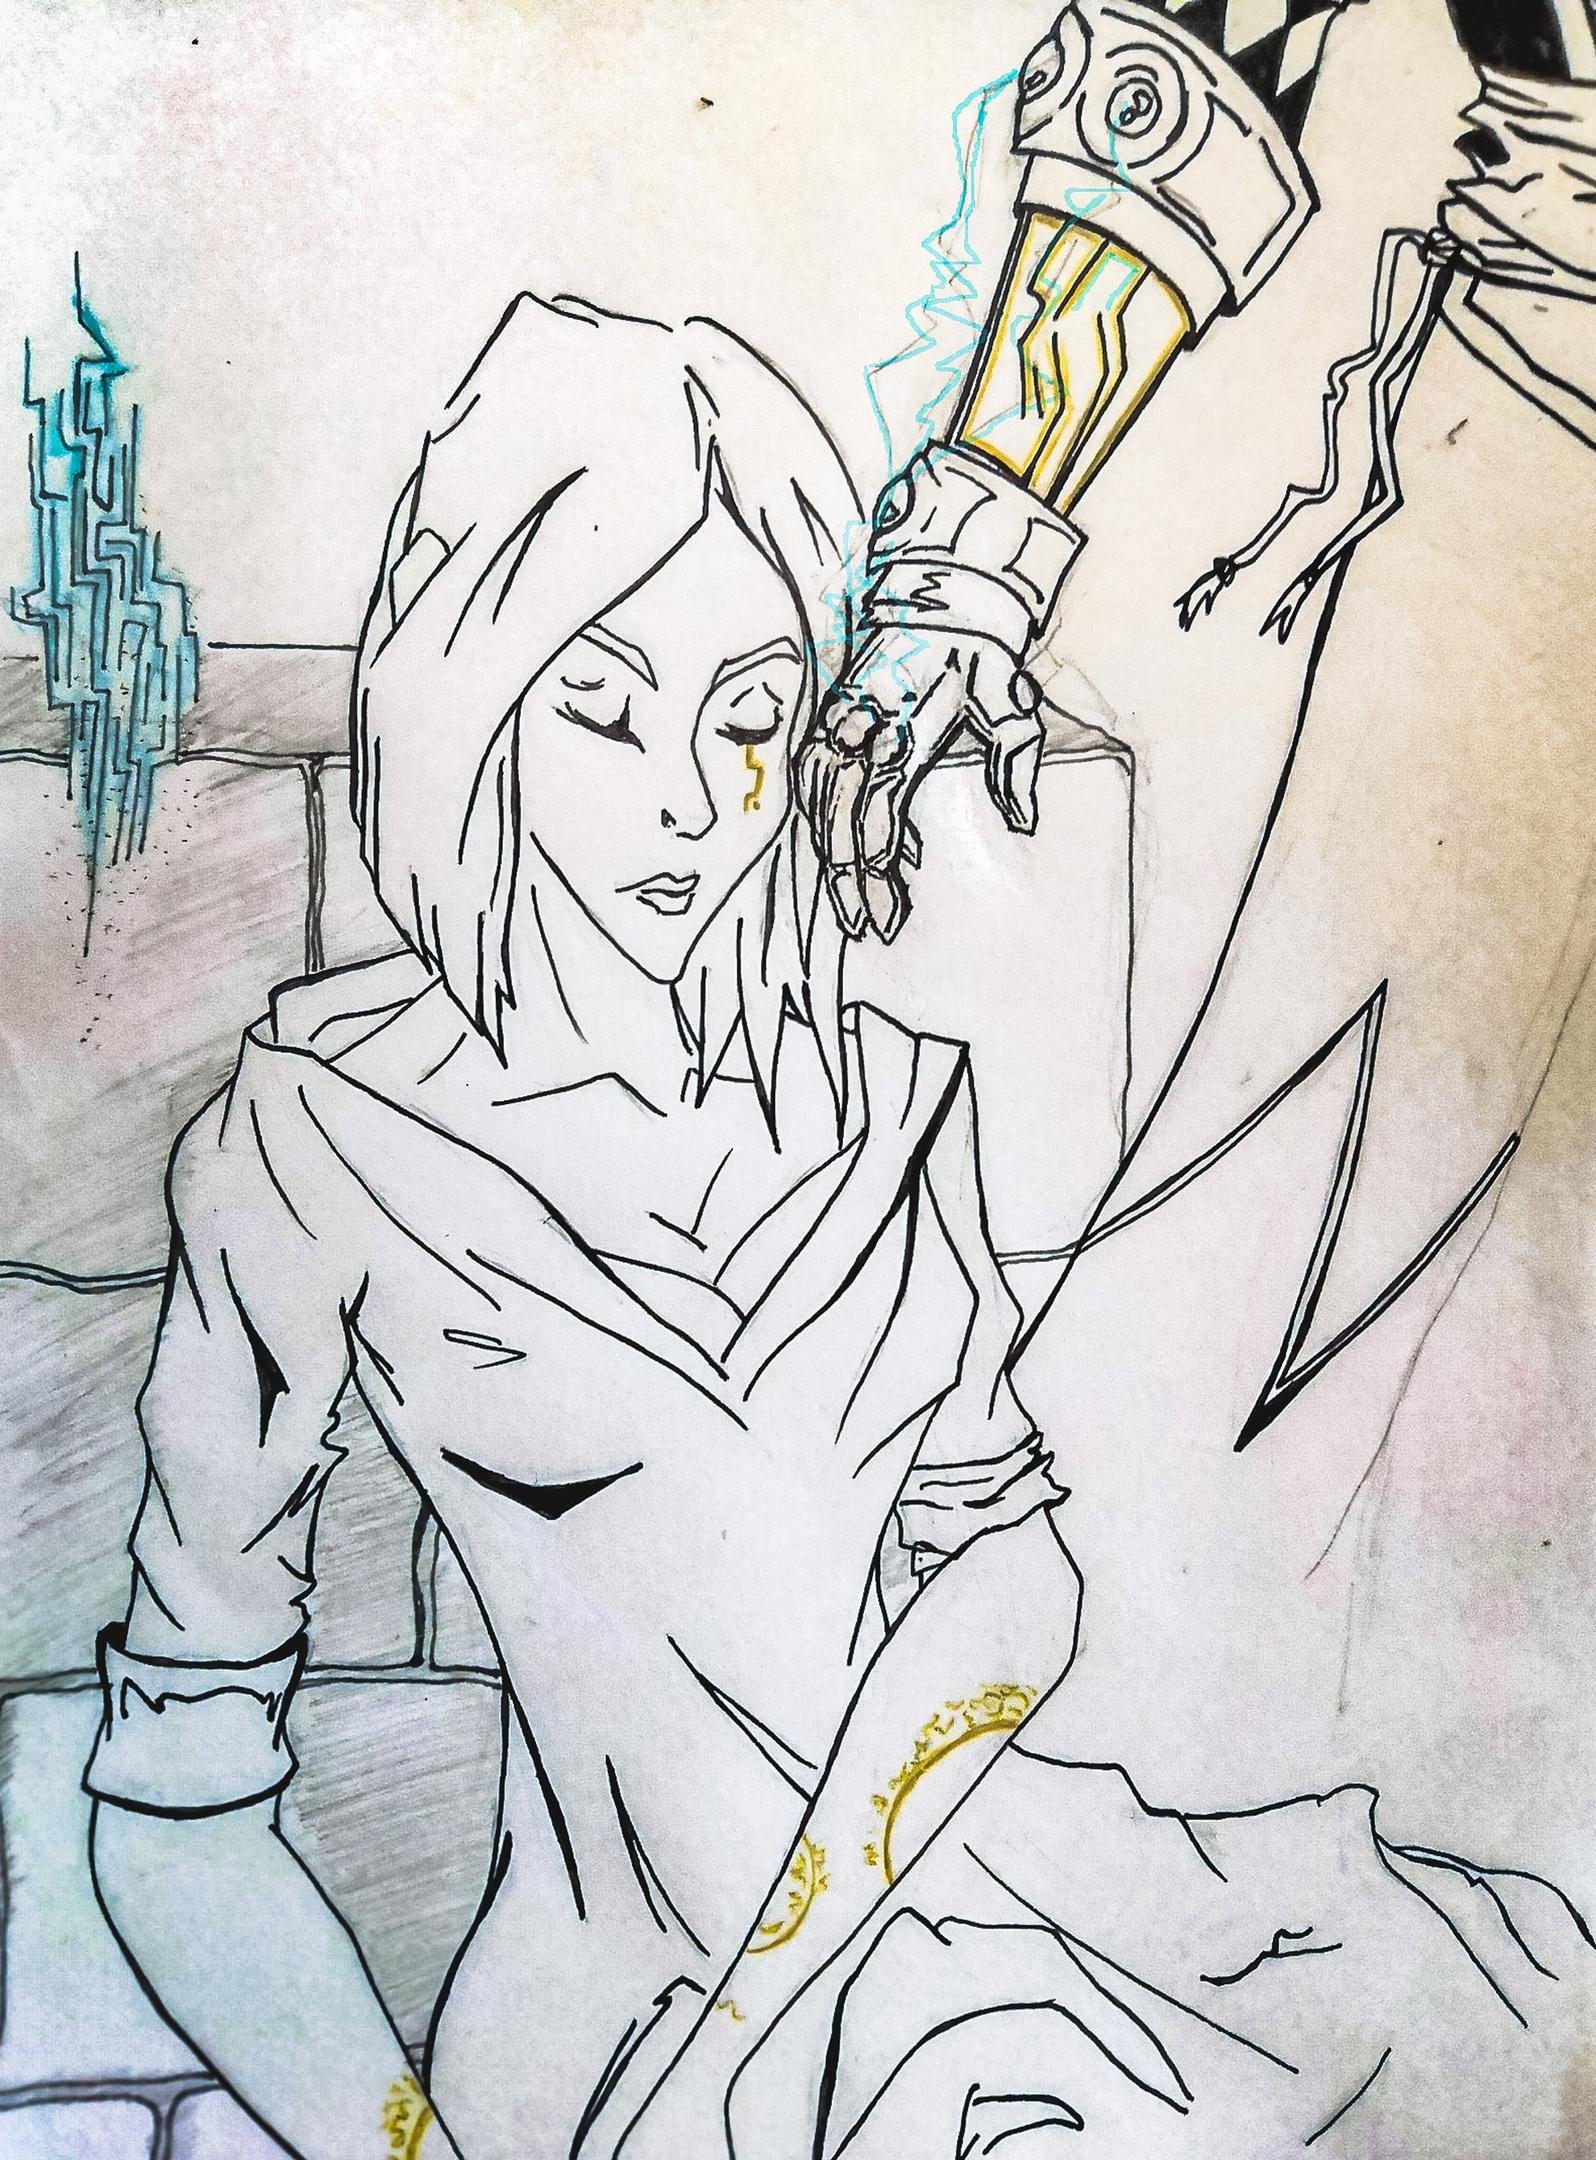 Osiris and Sagira